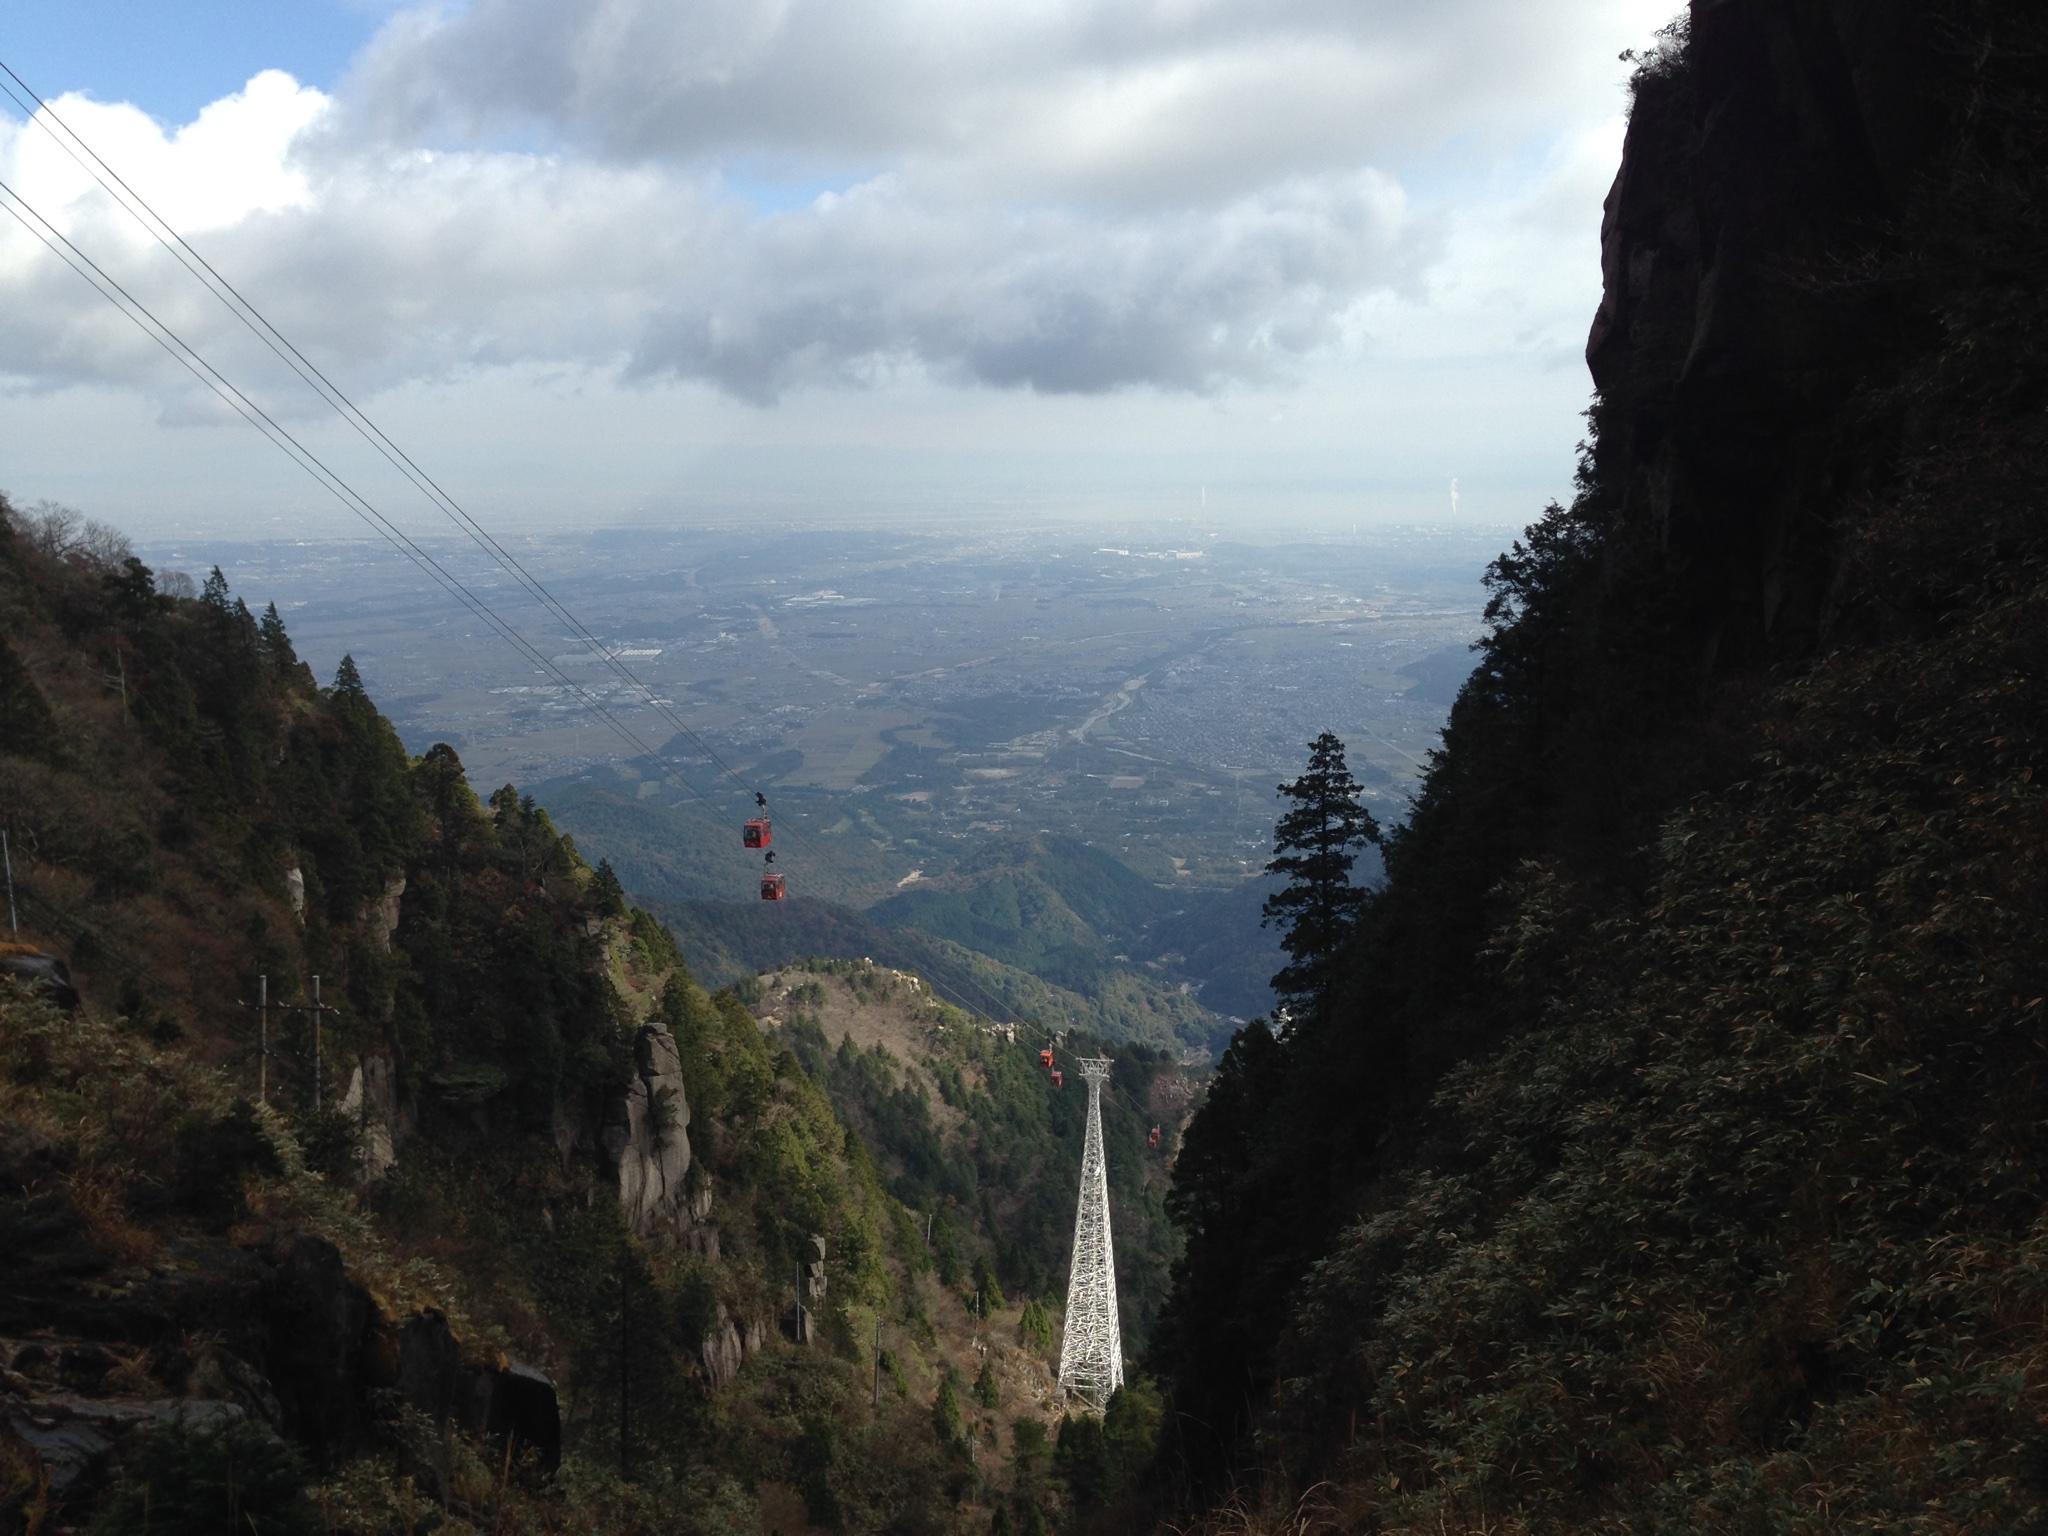 御在所岳の登山道から見たロープウェイ